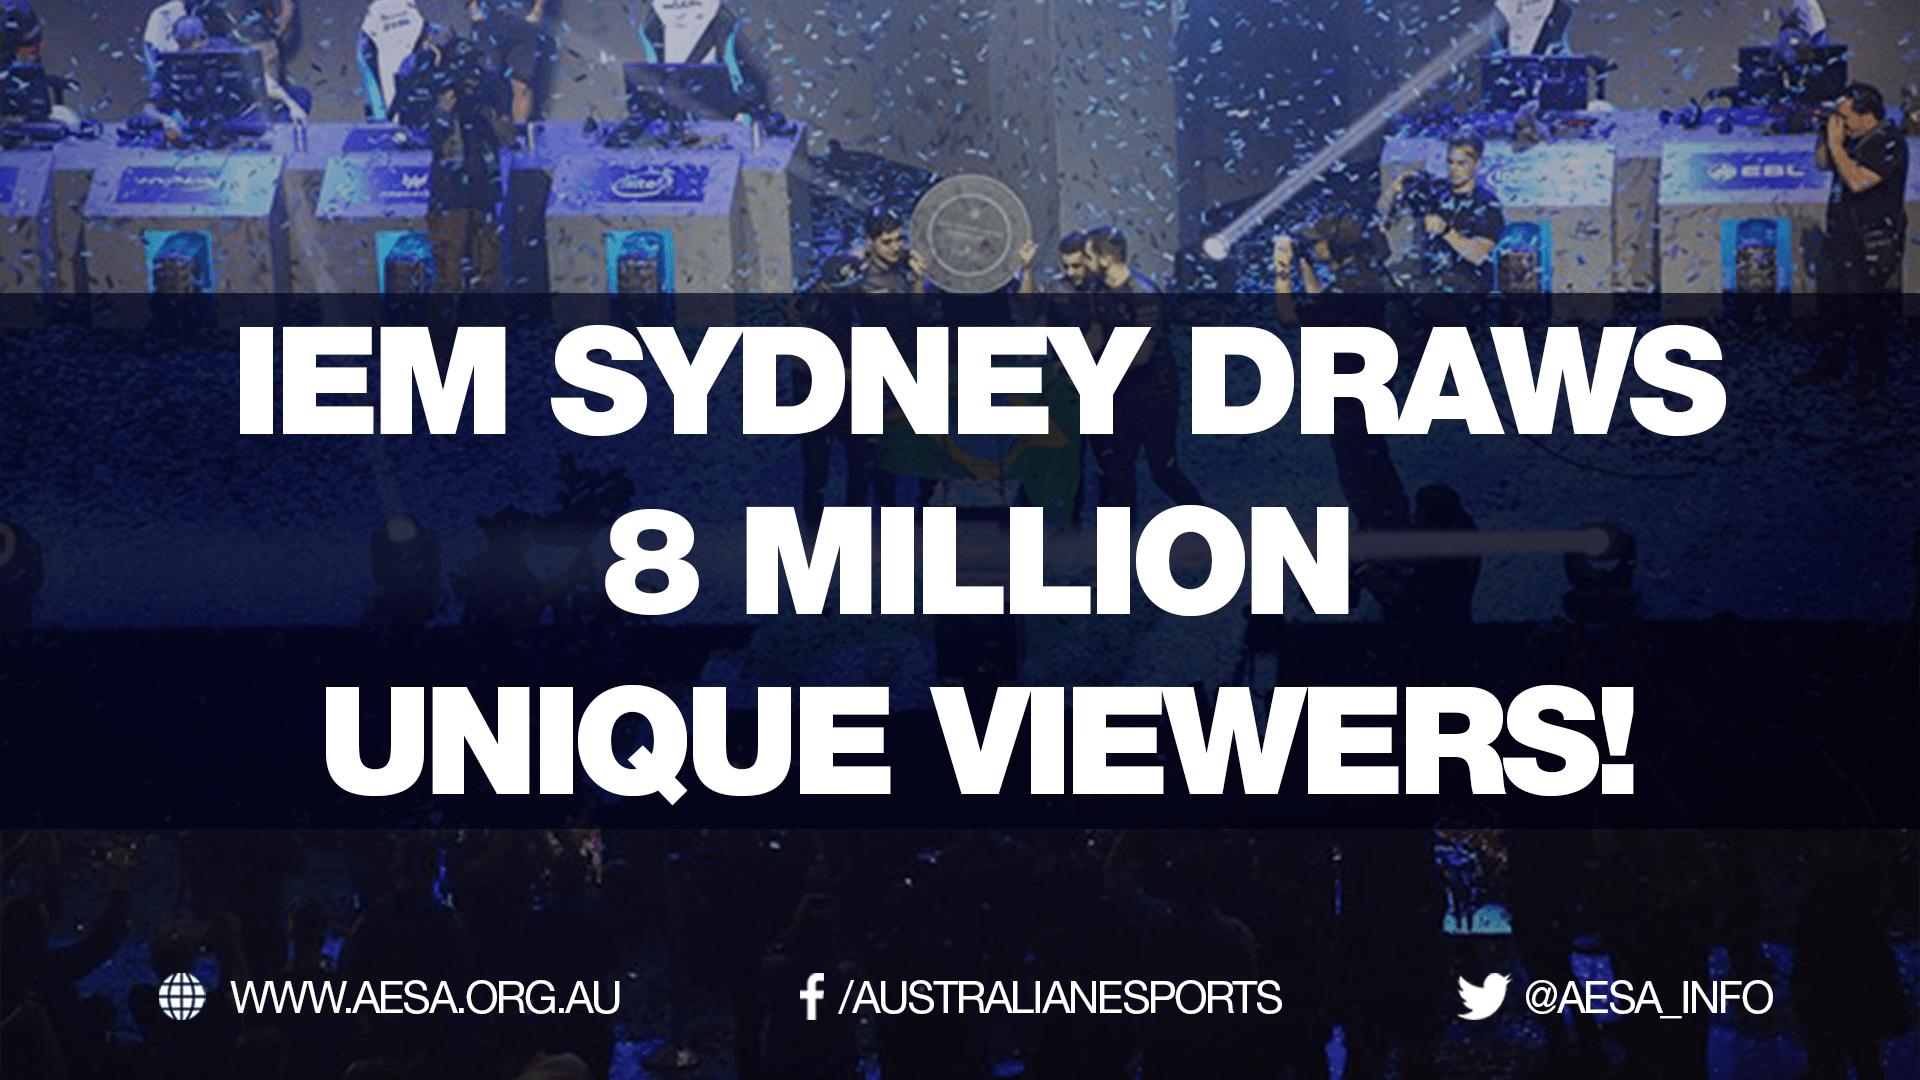 IEM Sydney draws 8 million unique viewers!